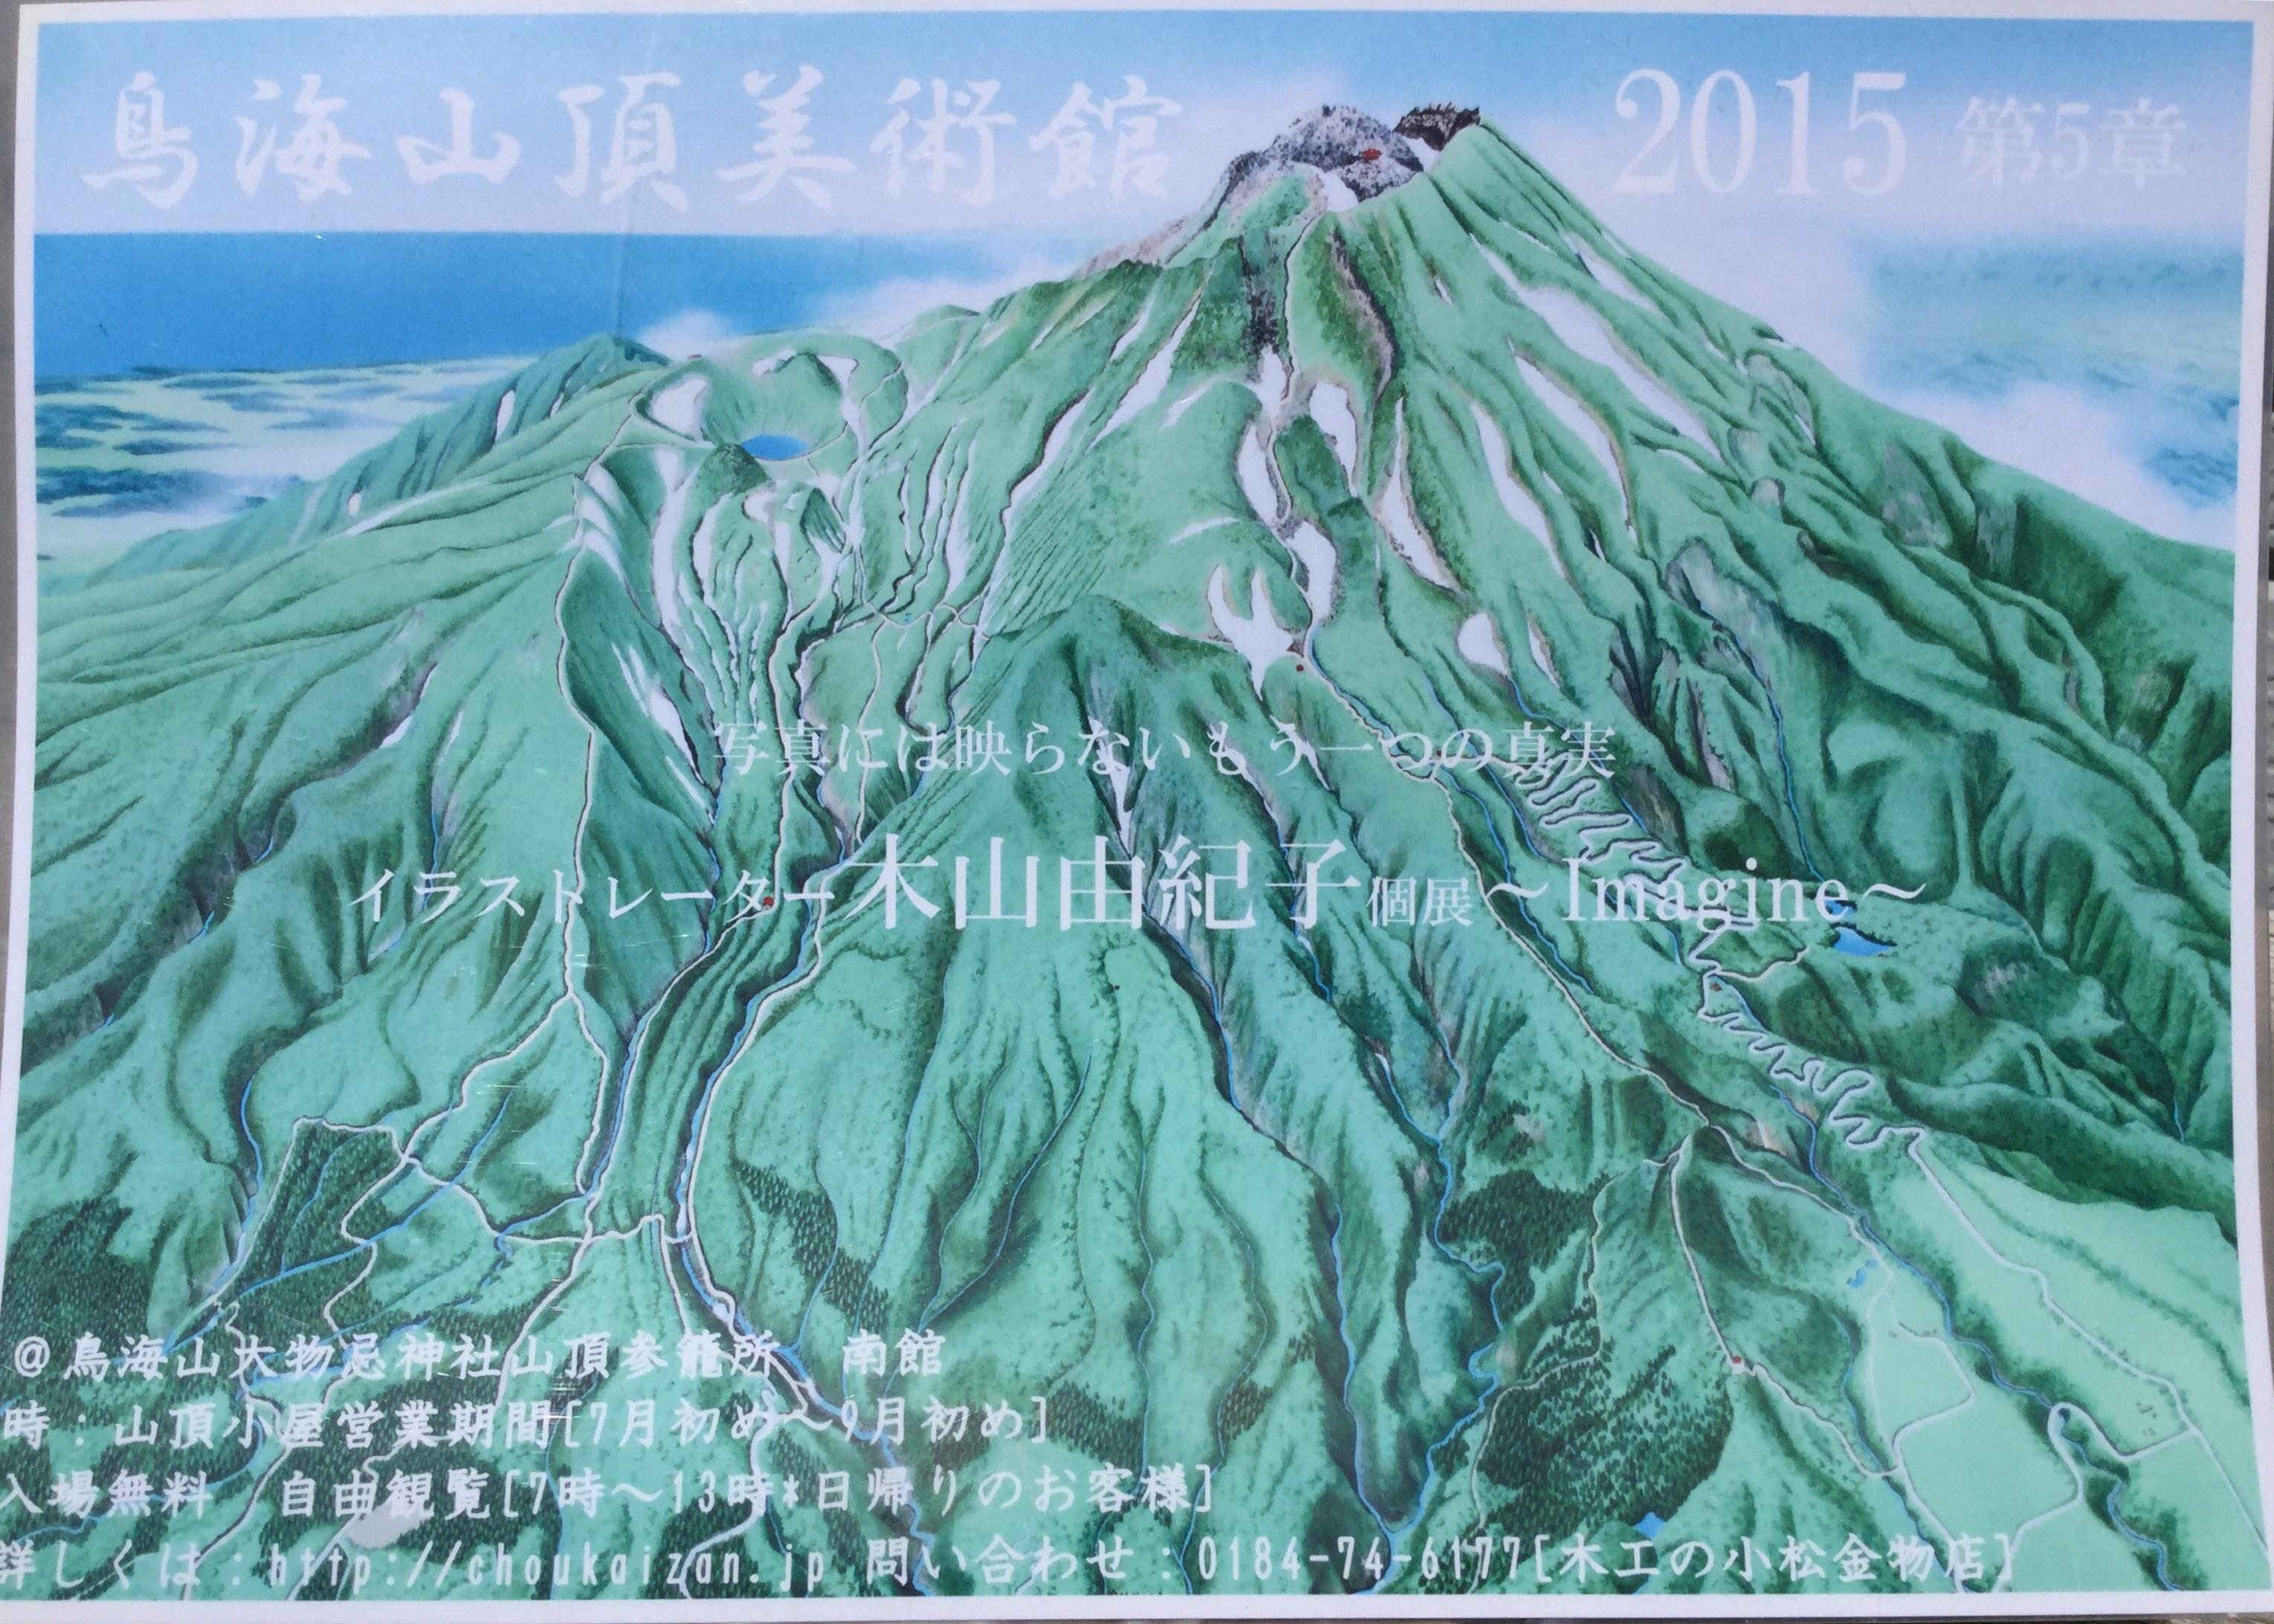 山頂美術館2015